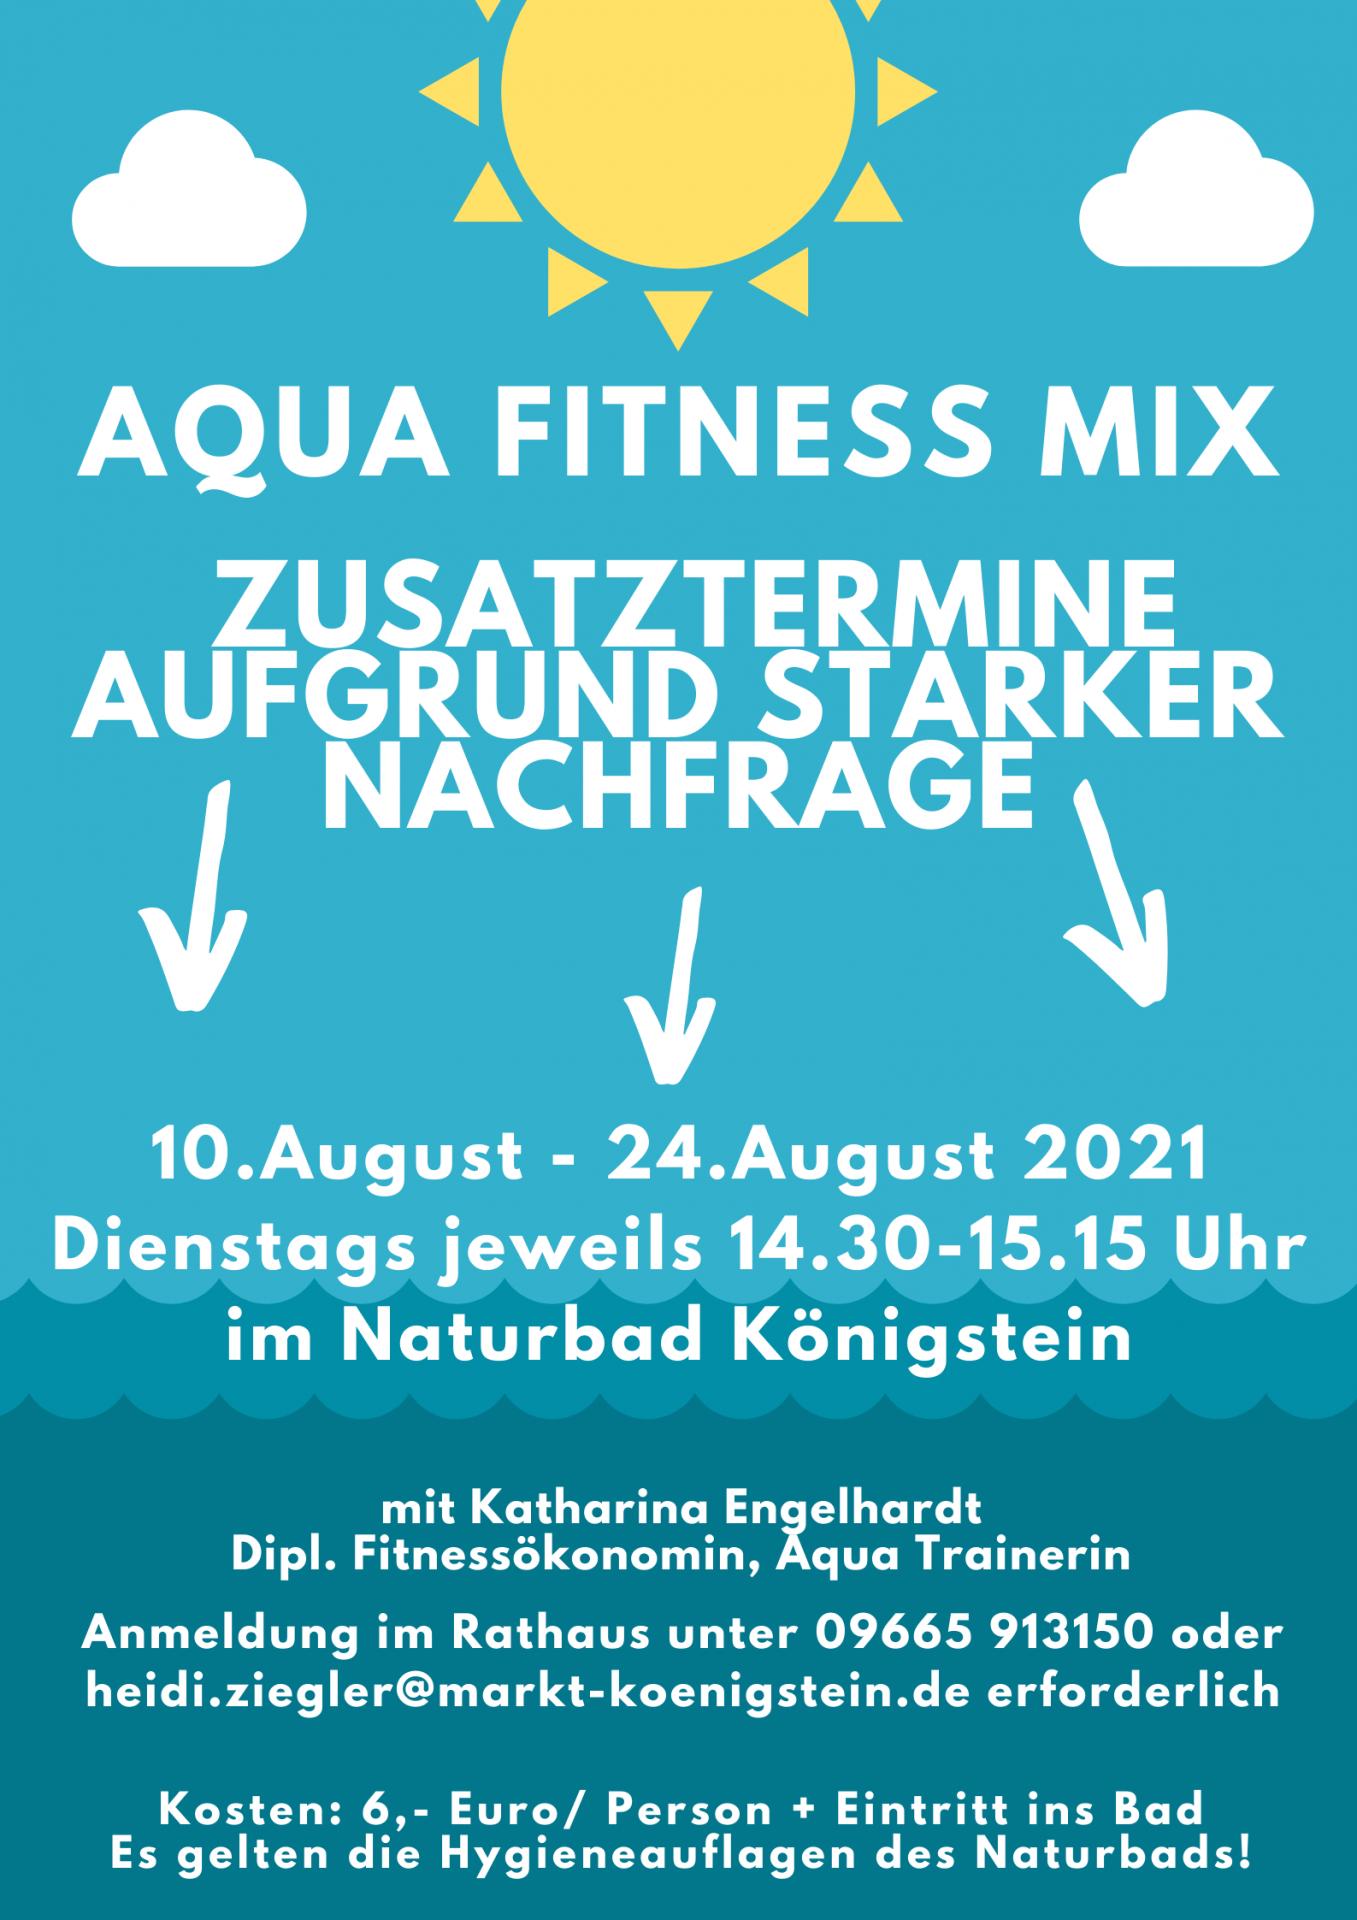 Aqua Fitness Mix August